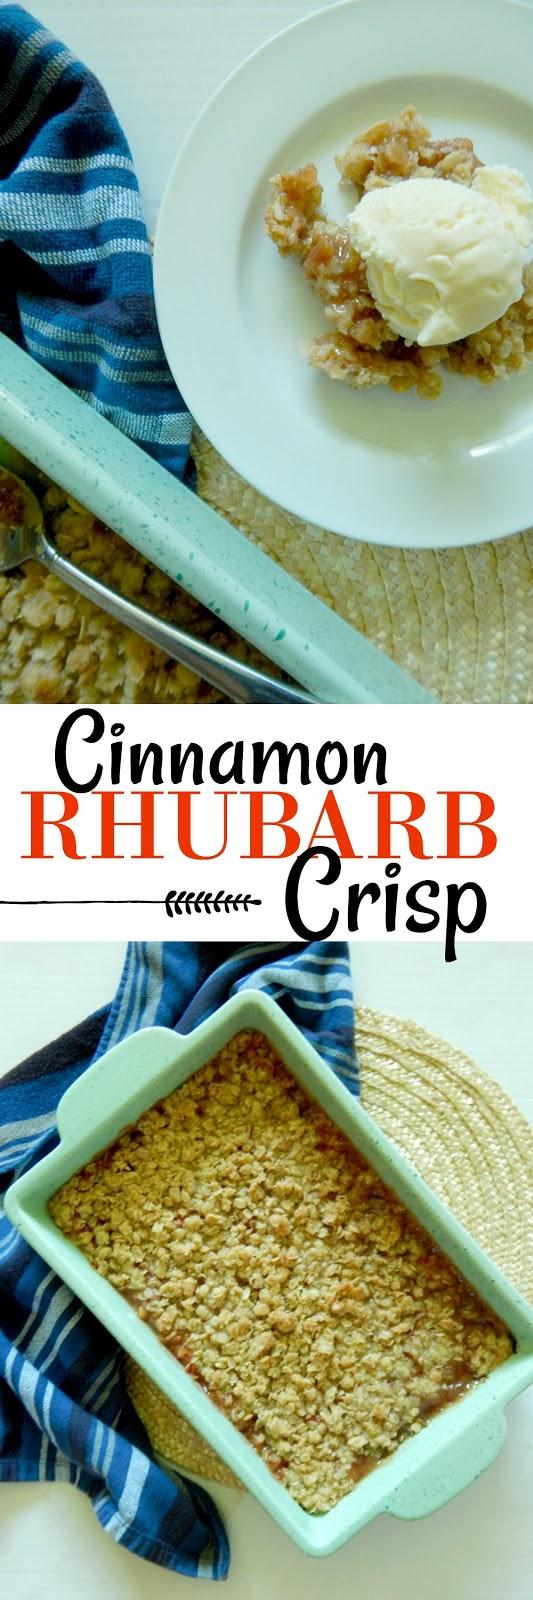 cinnamon rhubarb crisp